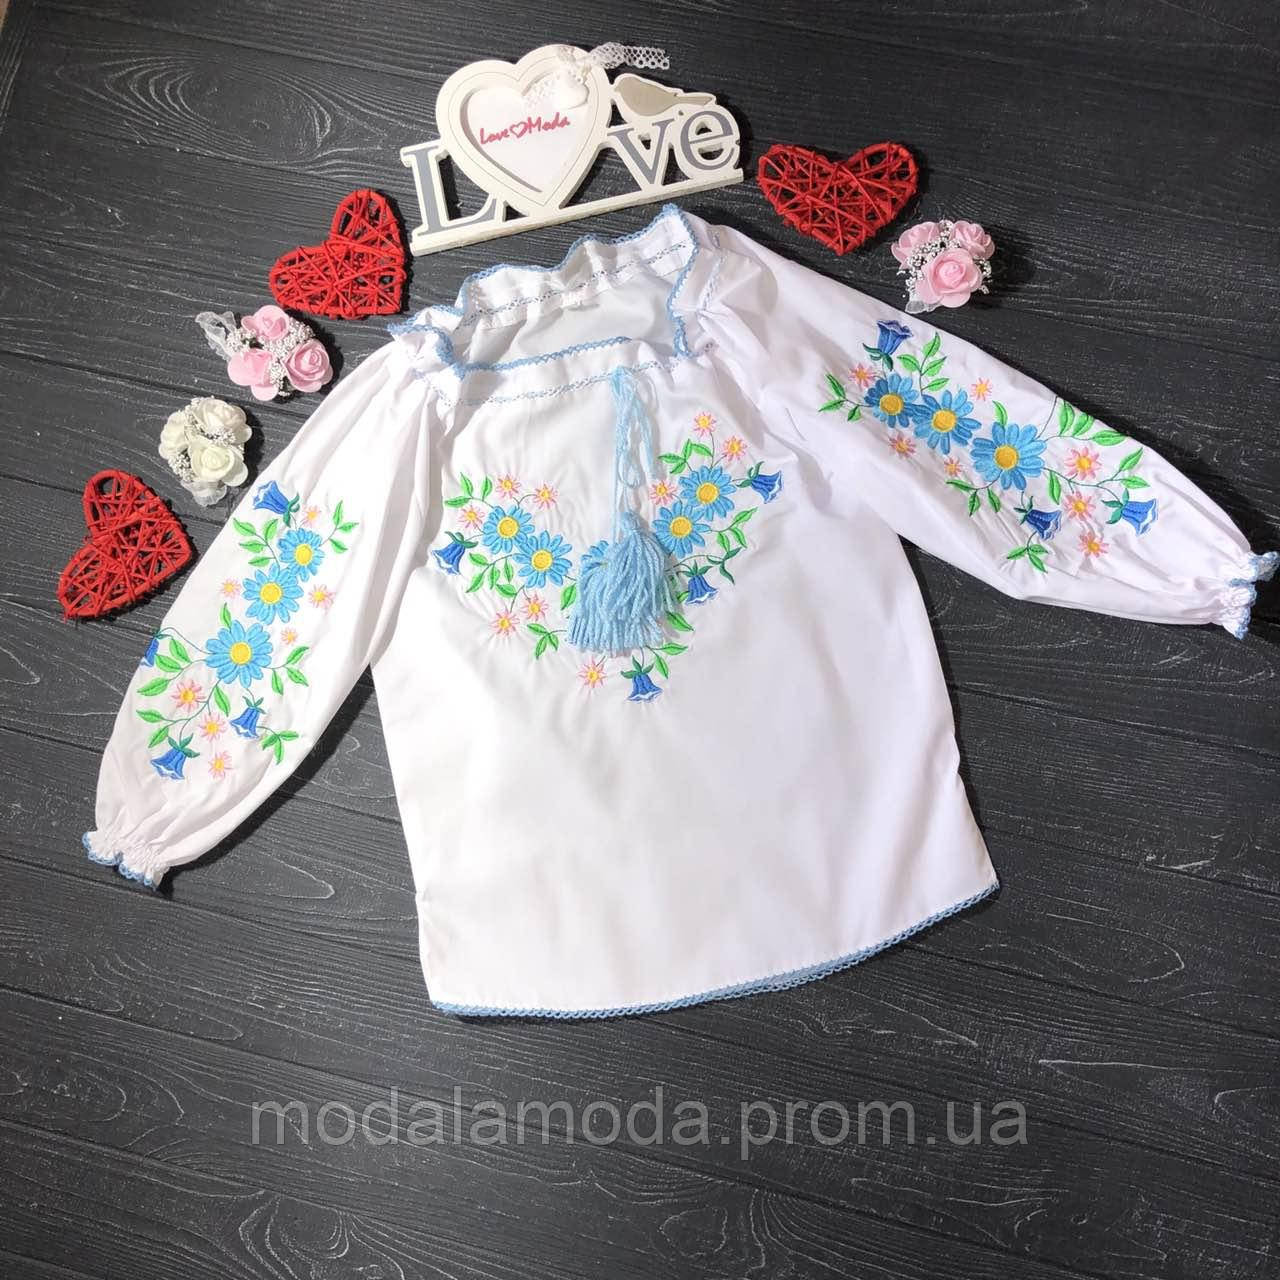 Вышитая блуза для девочки с нежными голубыми цветами